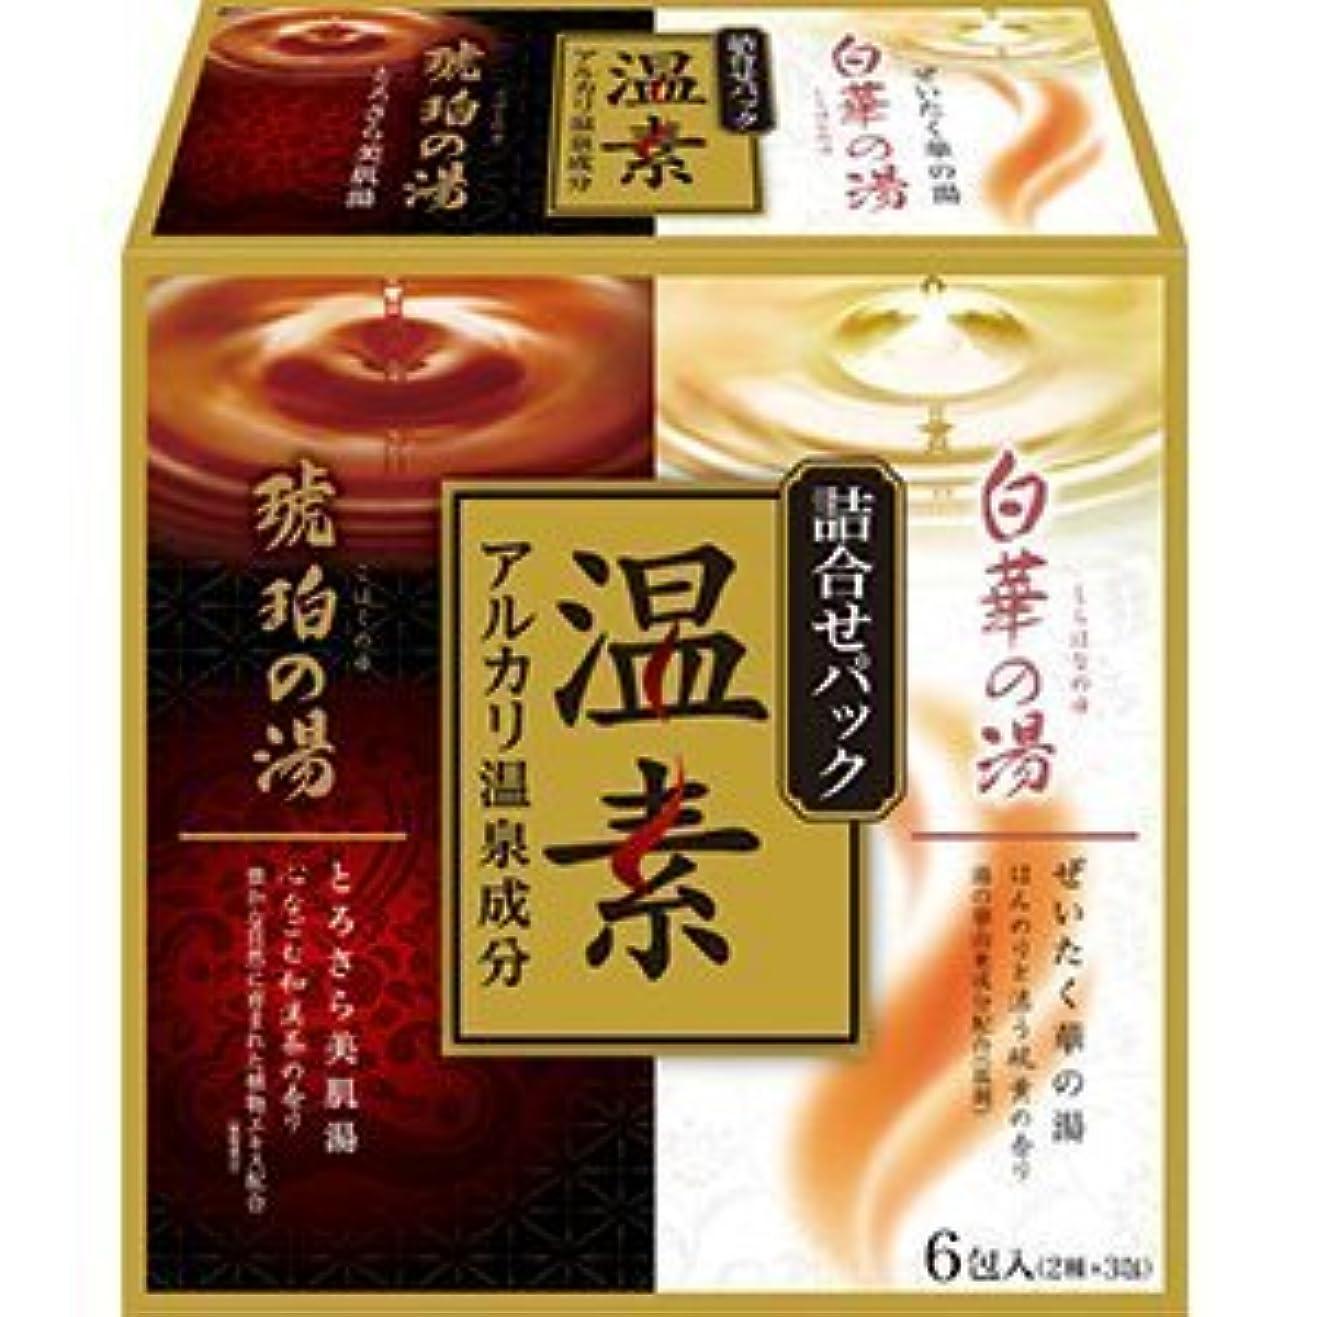 コメンテーター火曜日影温素 琥珀の湯&白華の湯 詰合せパック × 10個セット